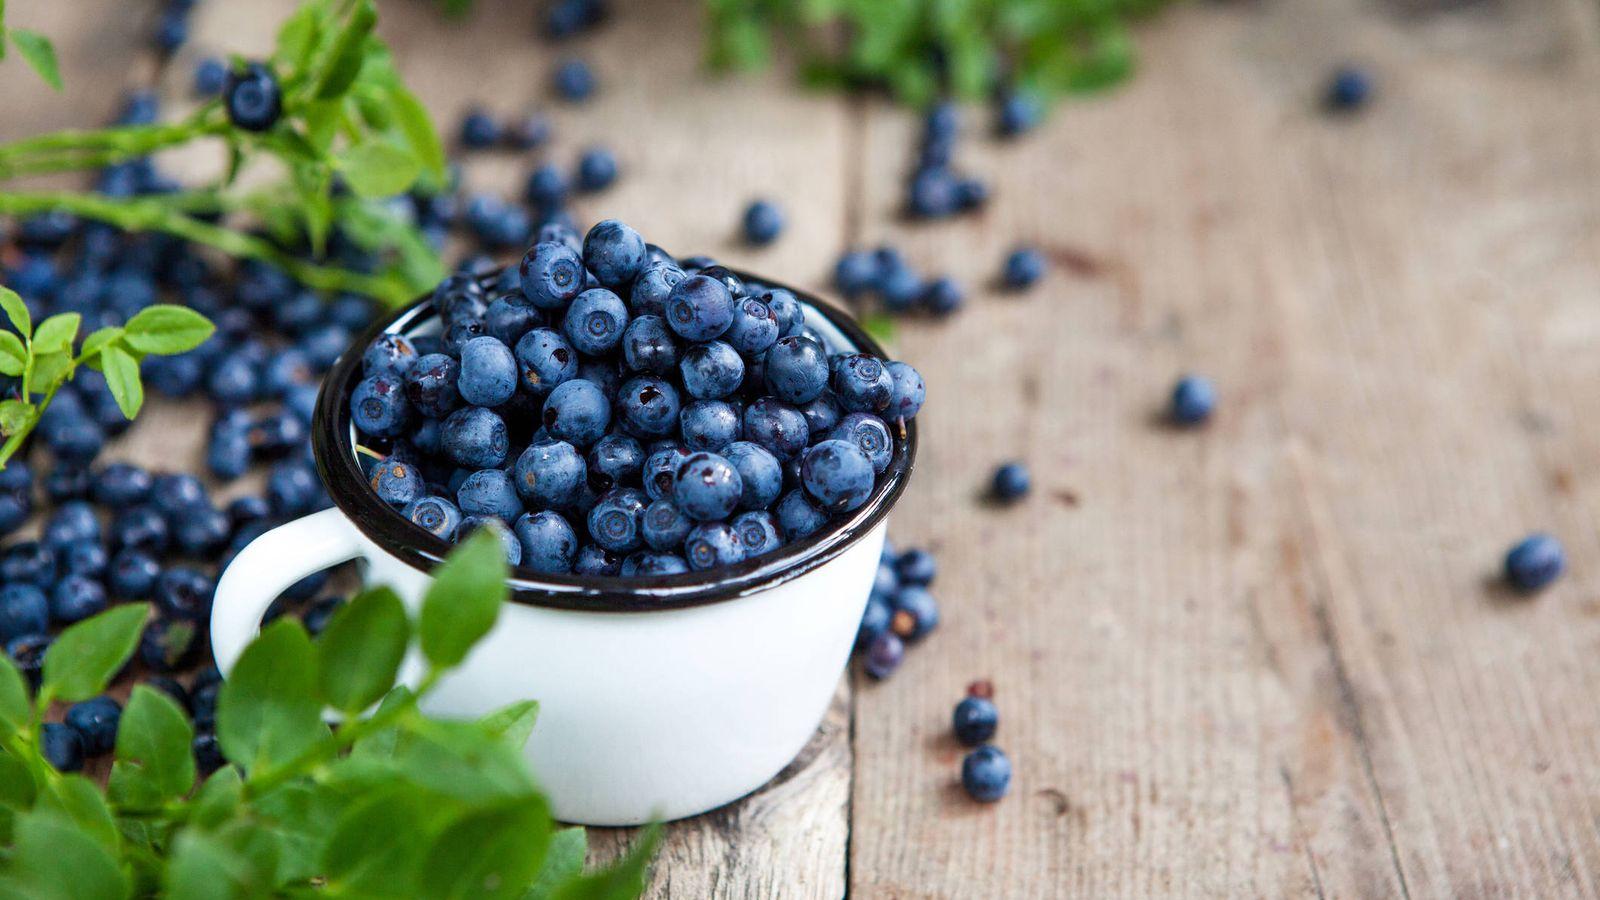 Fruta: Tan solo 150 gramos de arándanos mejoran tu salud cardiovascular